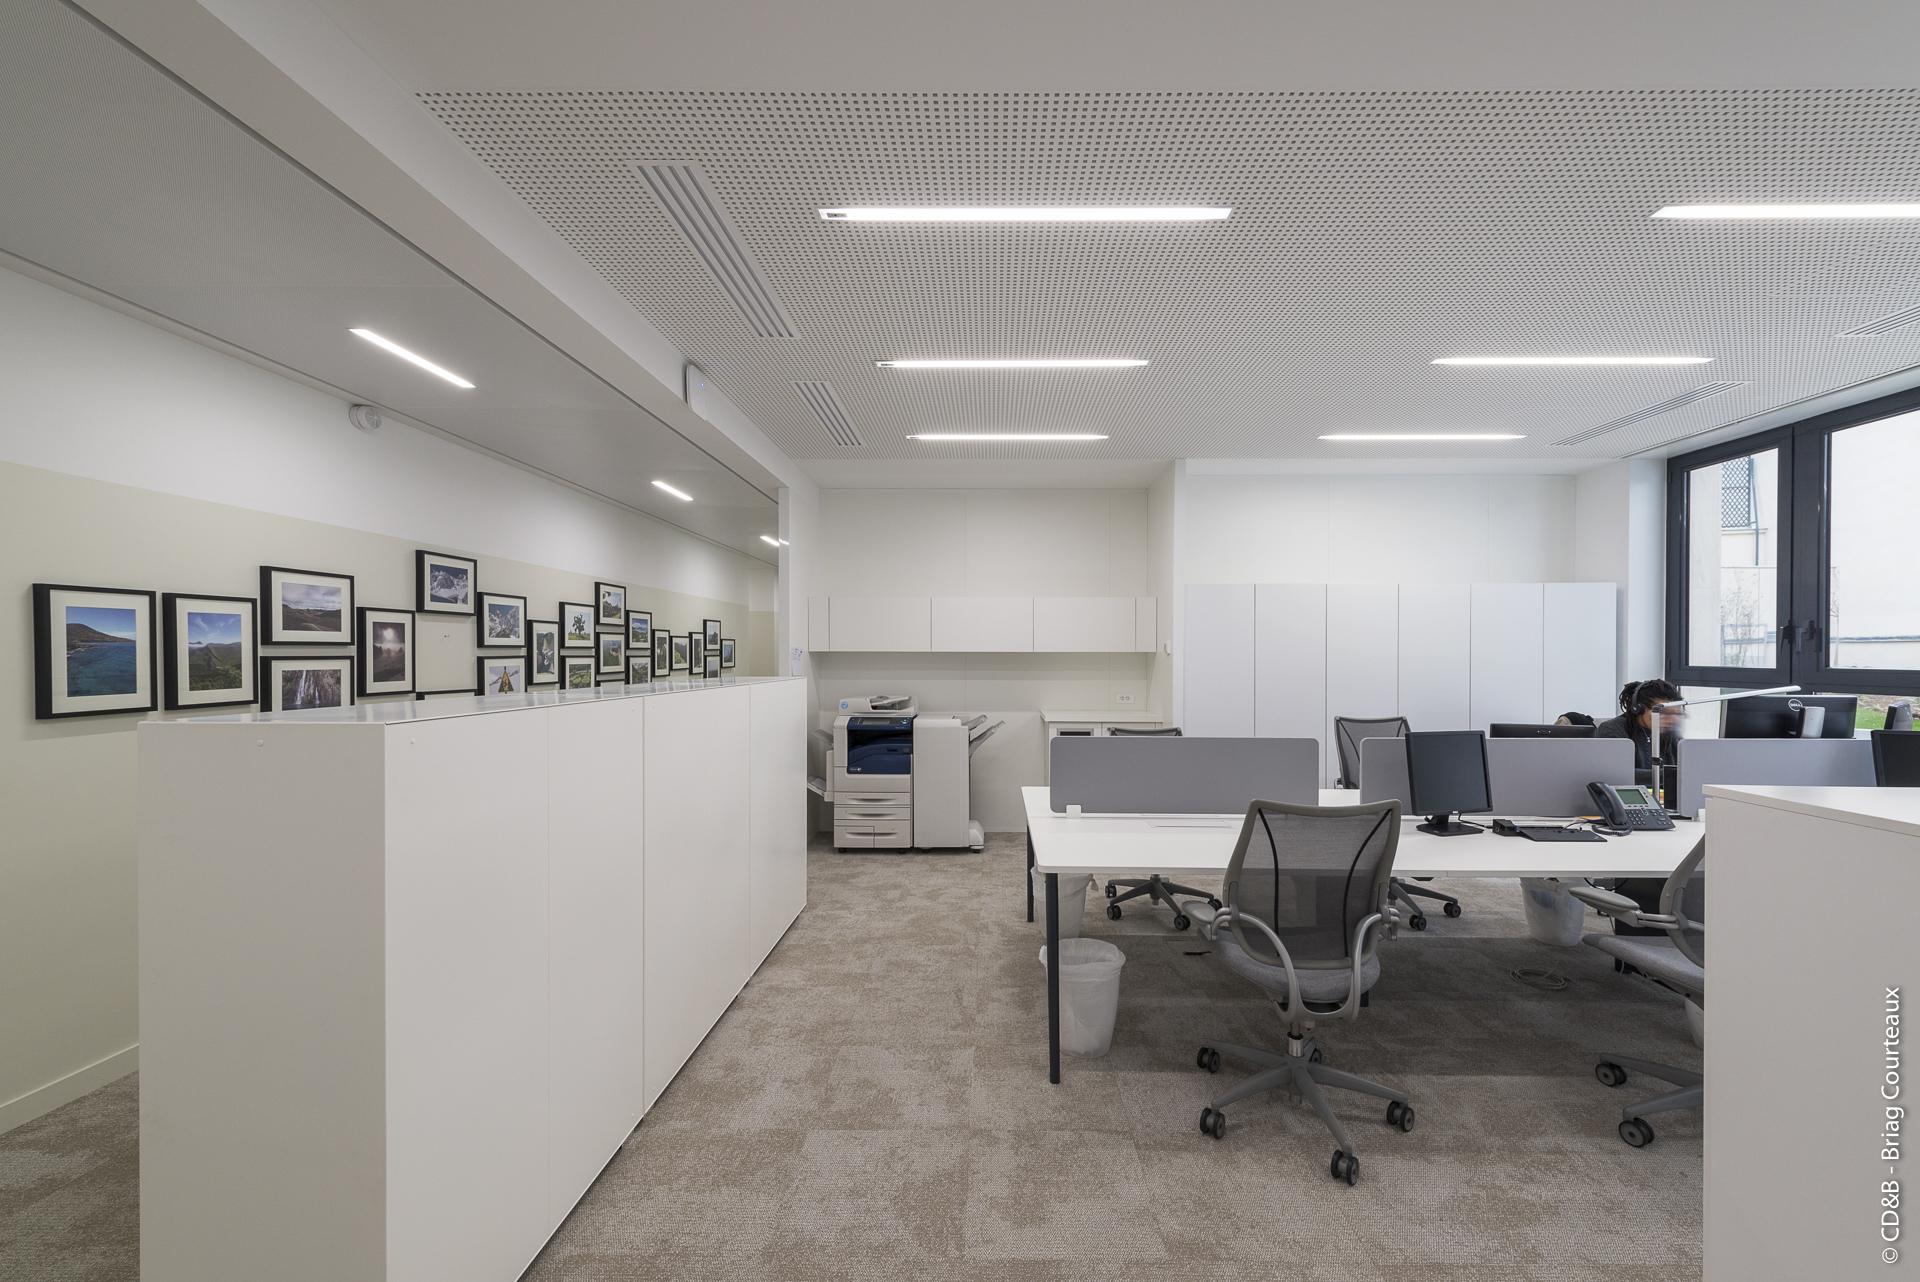 Conseil, aménagement, conception et réalisation des espaces de la société DTZ Investors par CDB, Meet you there.